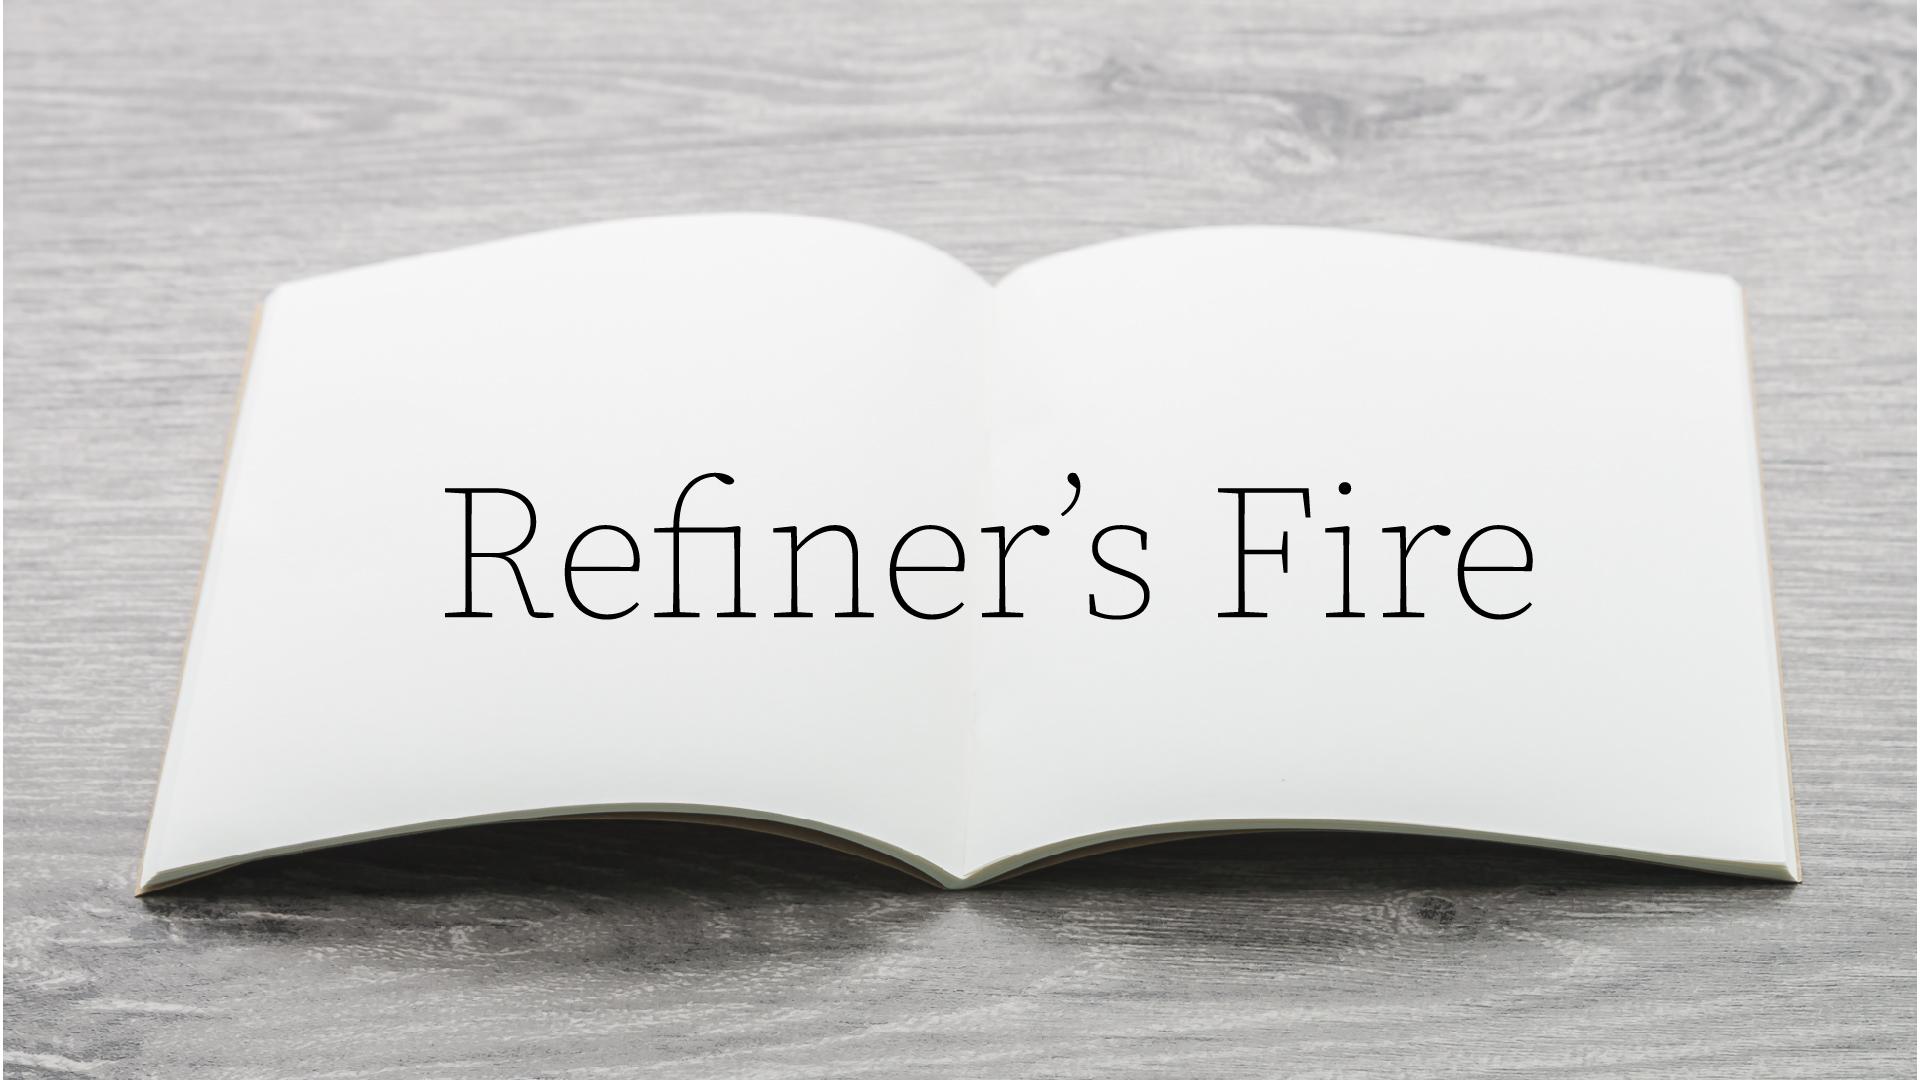 refiner'sfireArtboard 1-100.jpg